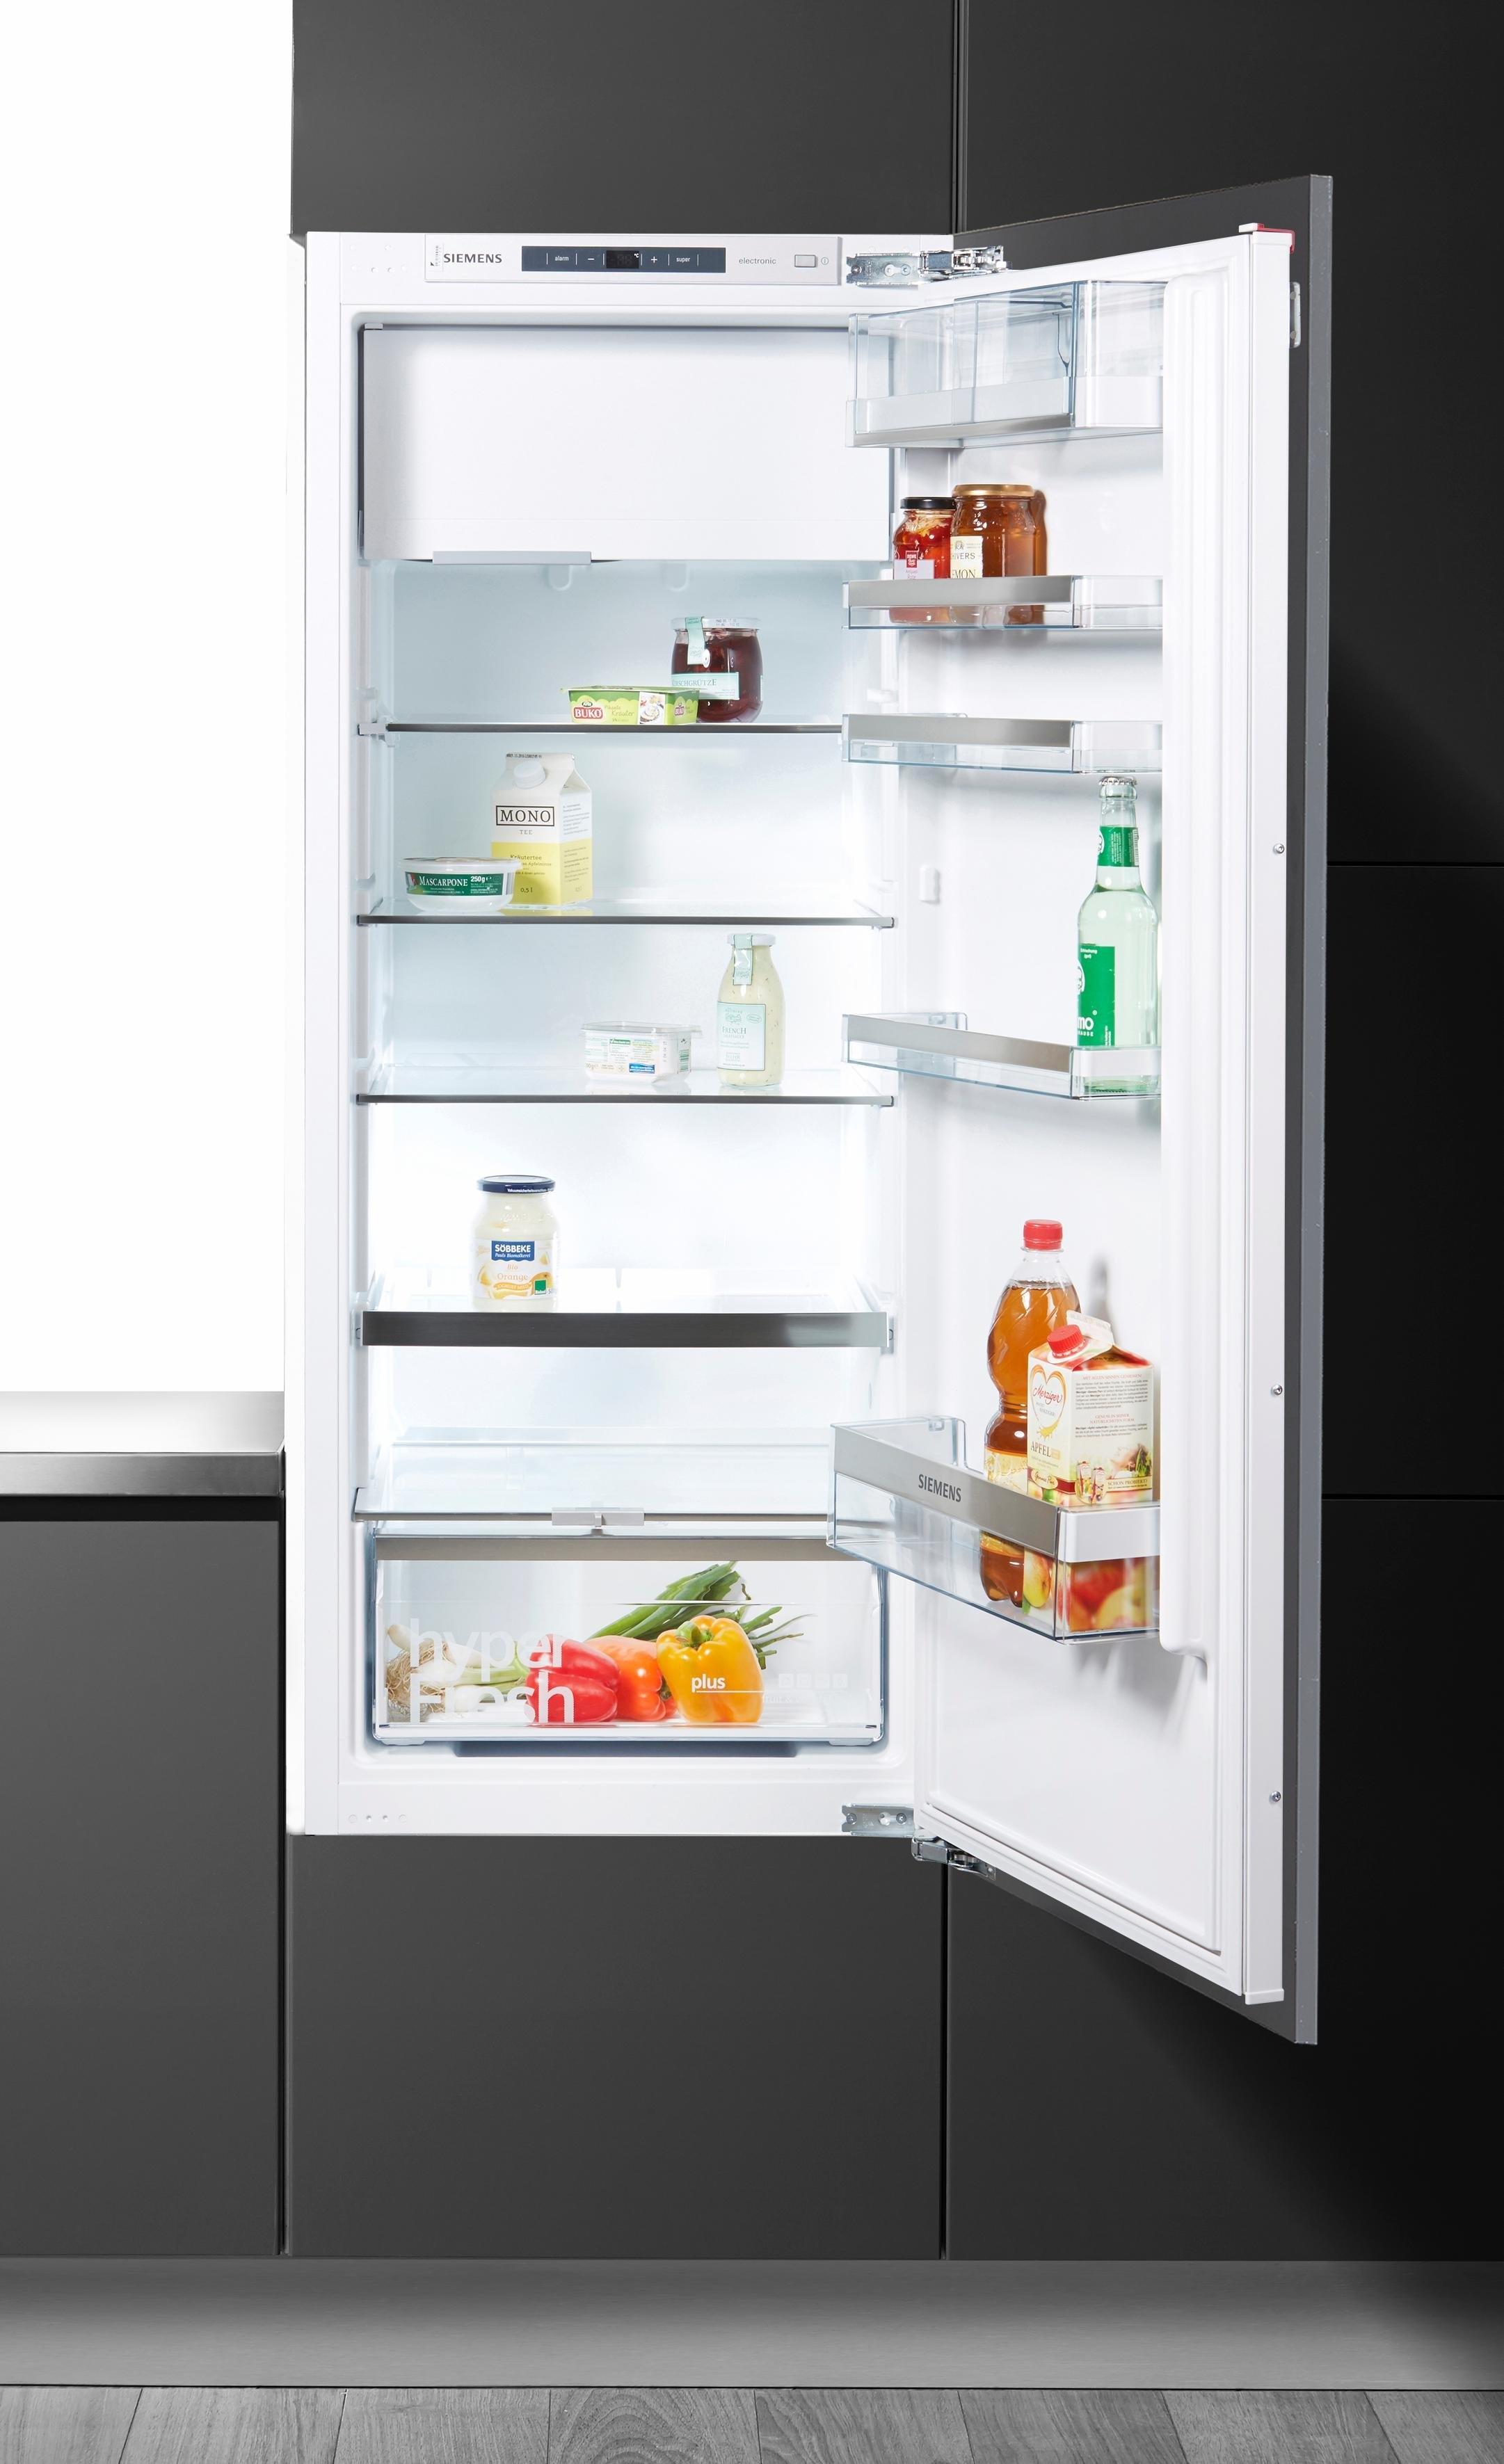 Siemens inbouwkoelkast KI52LAD30, energieklasse A++, 139,7 cm hoog online kopen op otto.nl